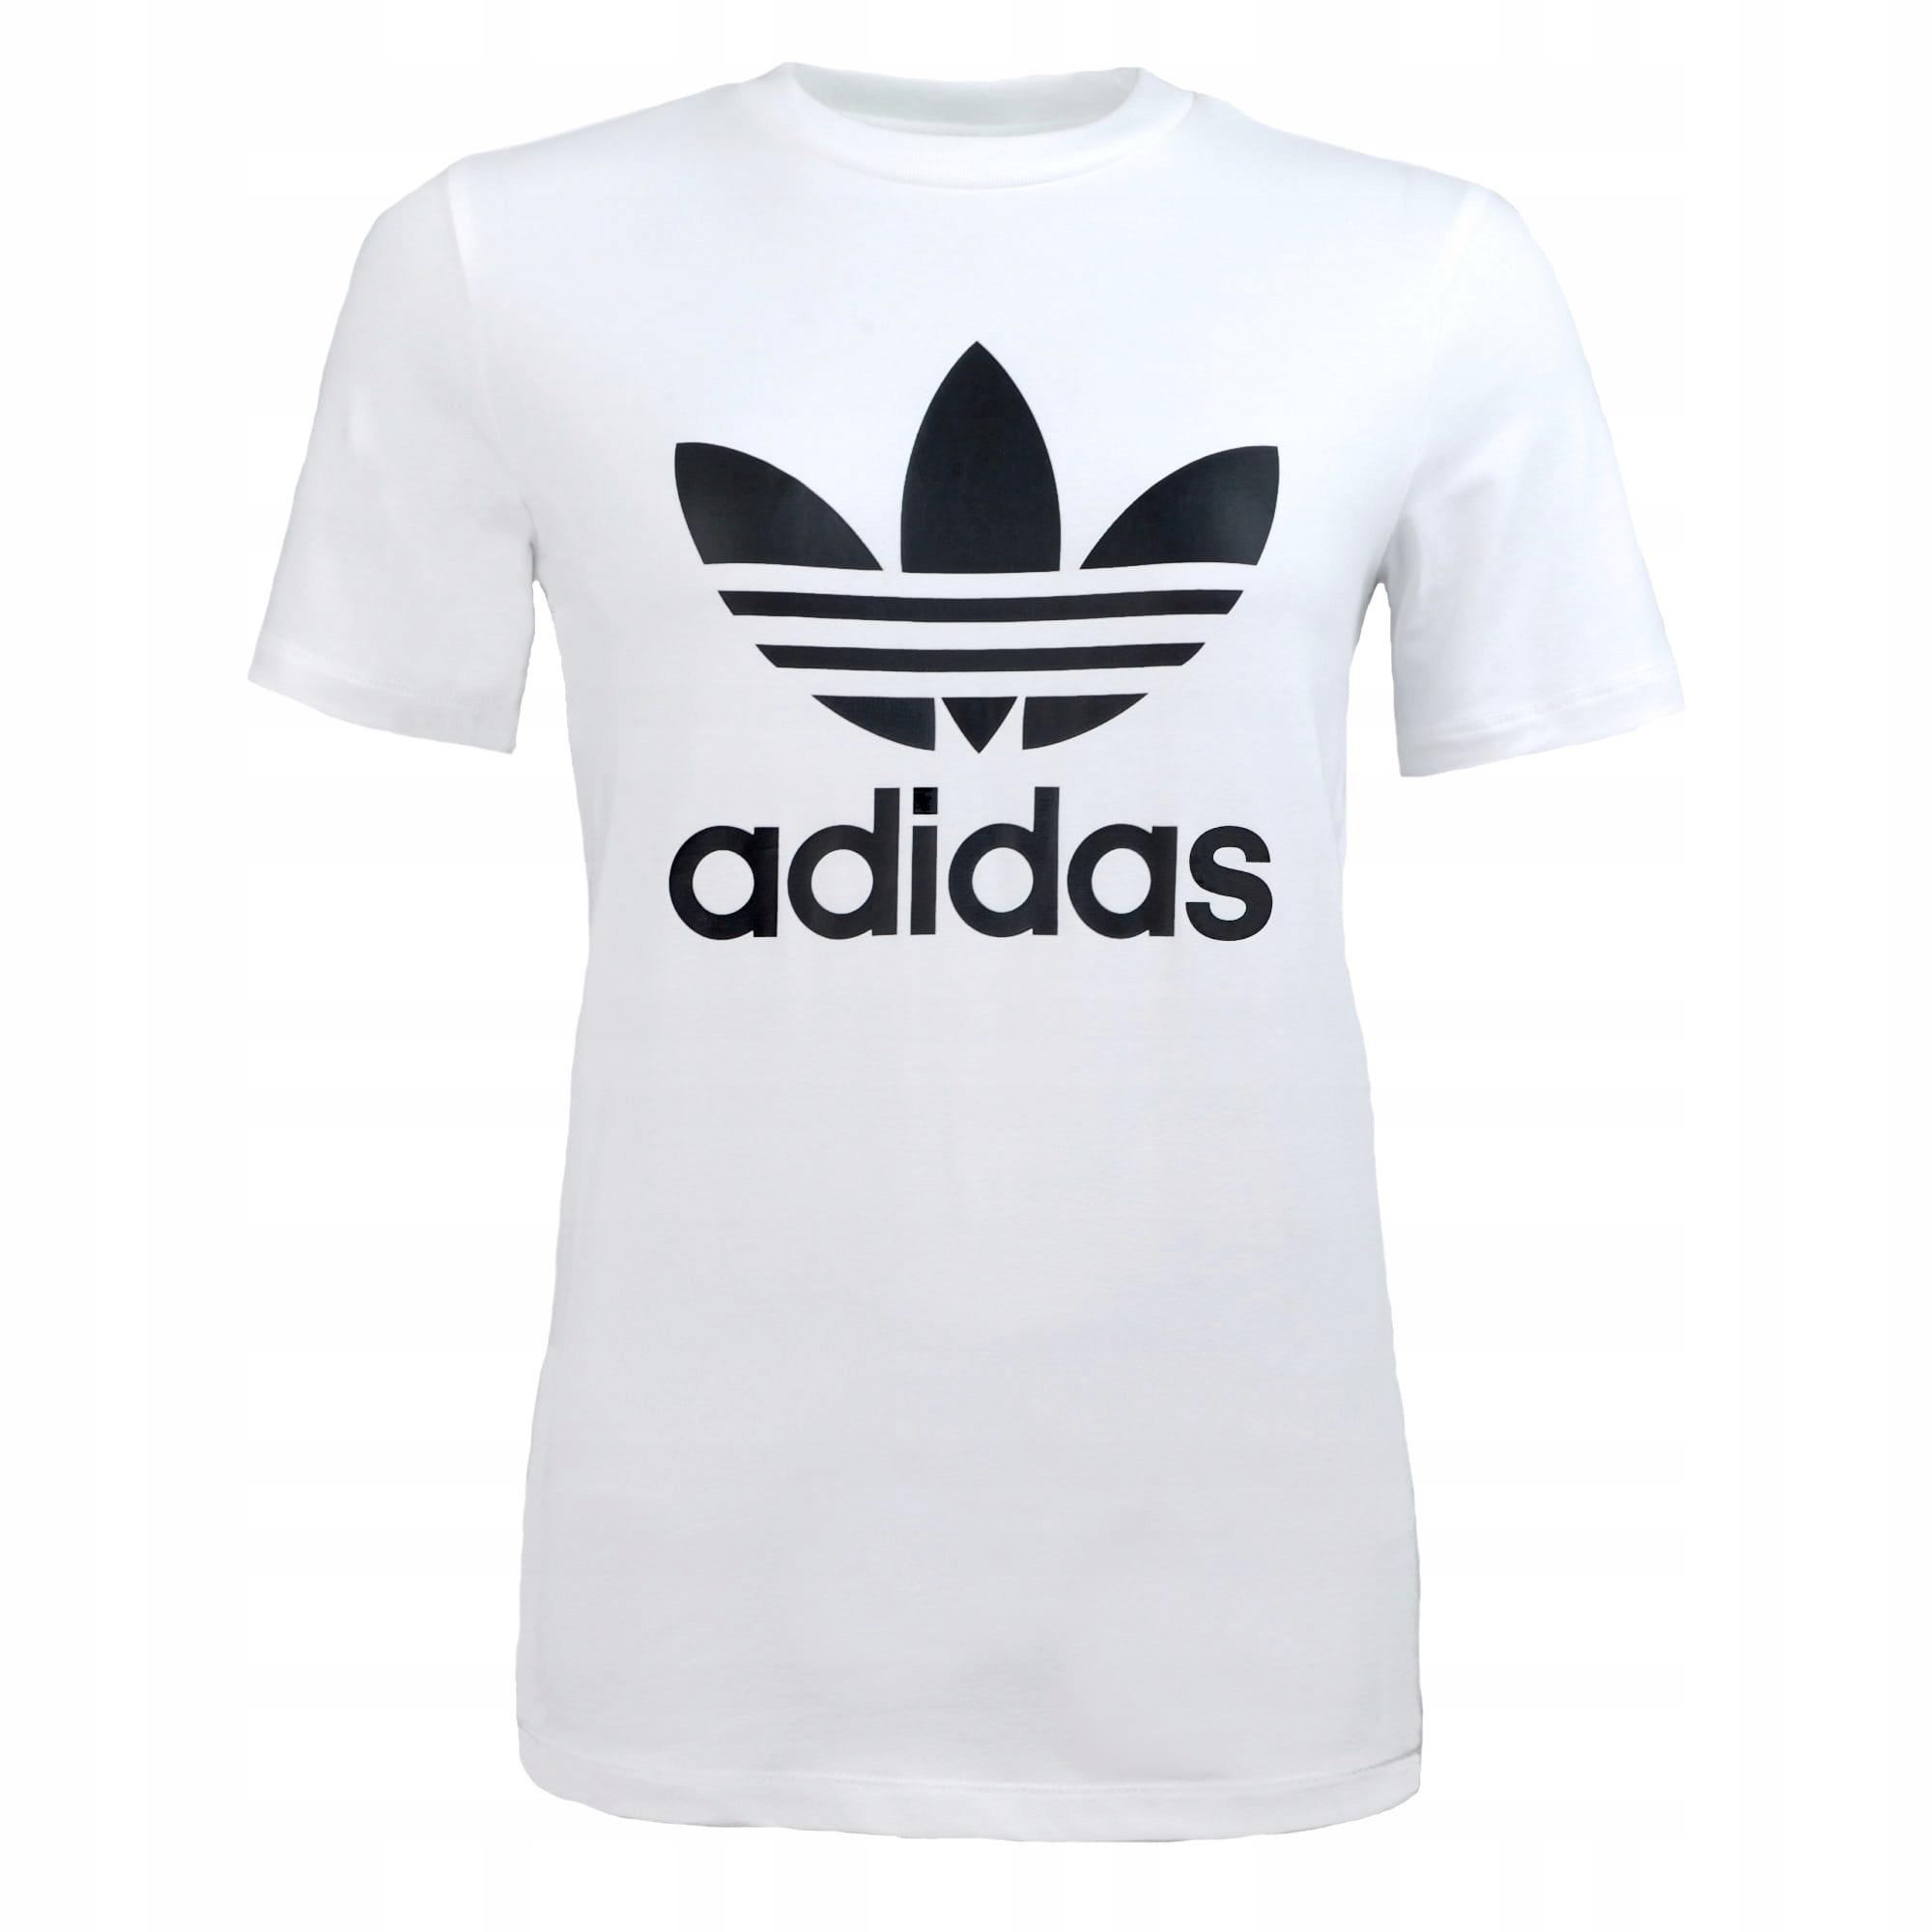 Adidas Koszulka Damska Bawełna Biała Trefoil Xs #